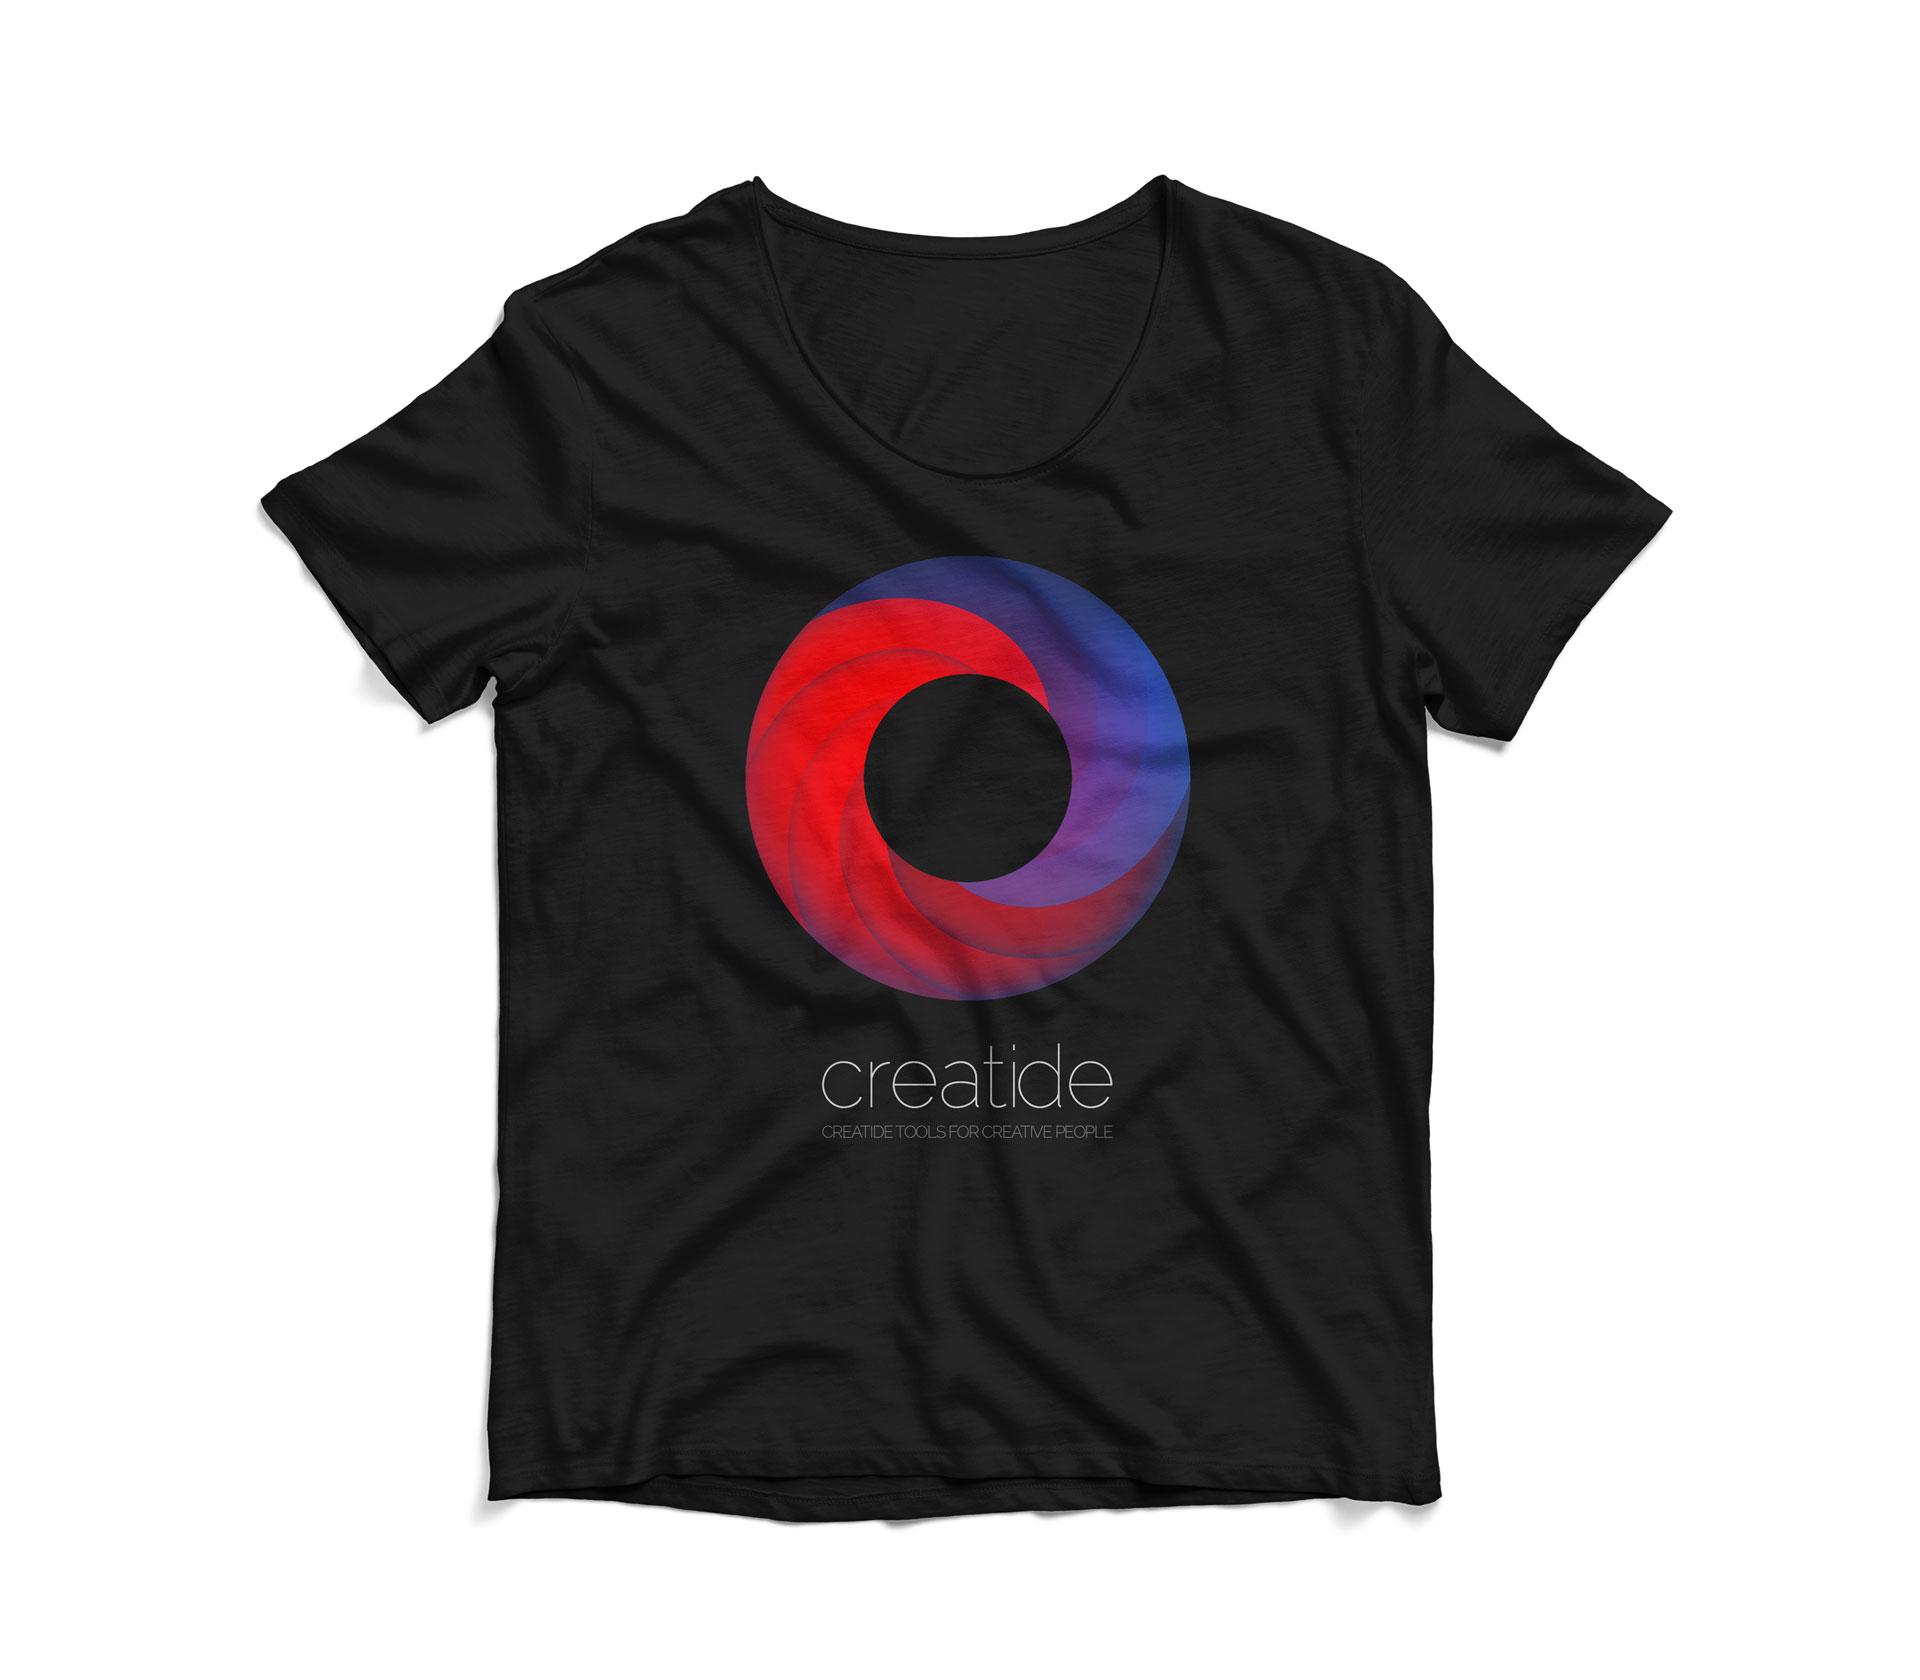 Creatide_T-Shirt_Mockup_01